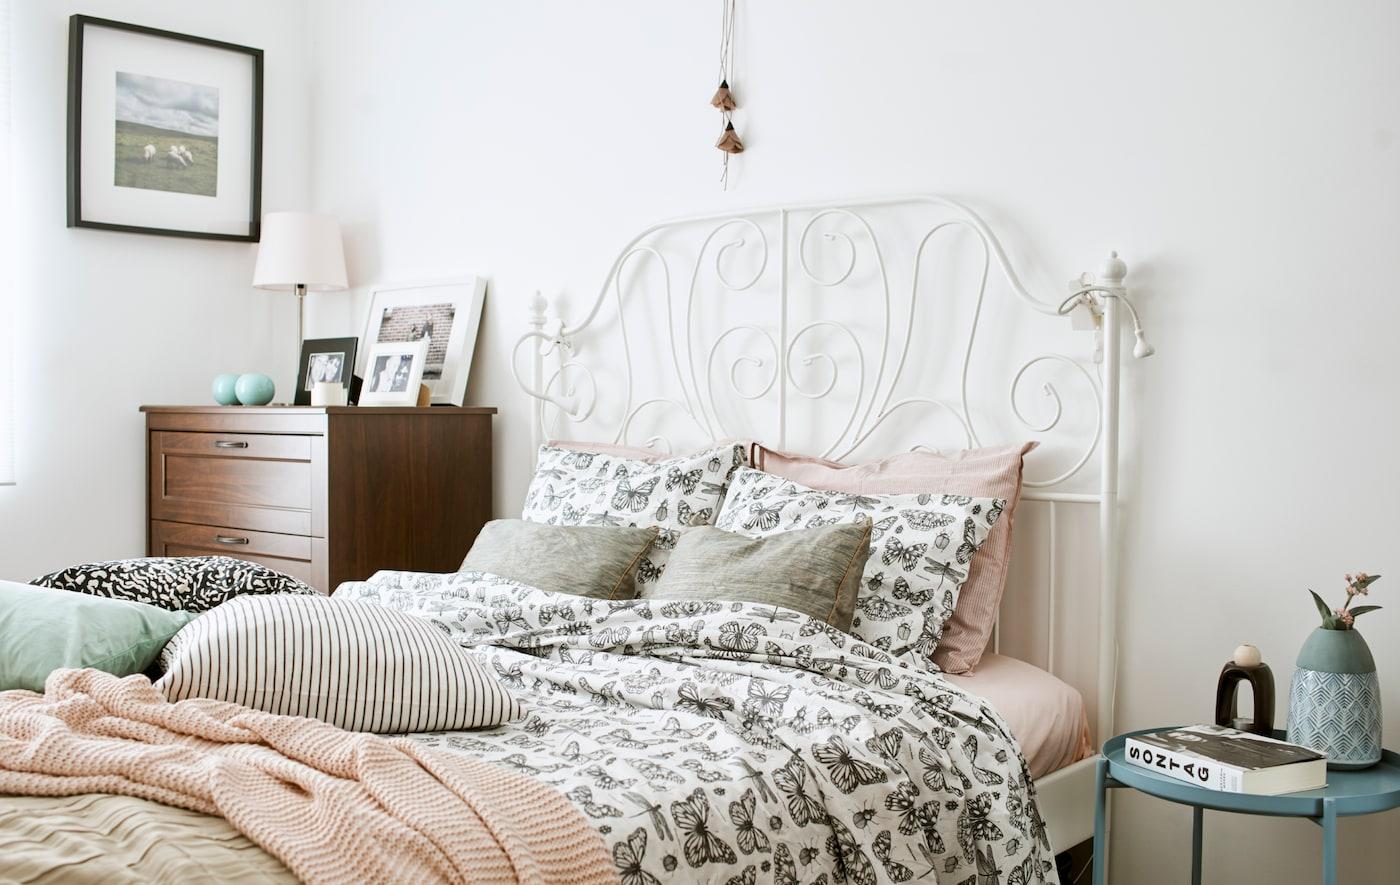 带有白色铸铁床头的床上,铺着饰有单色蝴蝶图案的被子,上面摆放着粉色的针织休闲毯和靠垫。